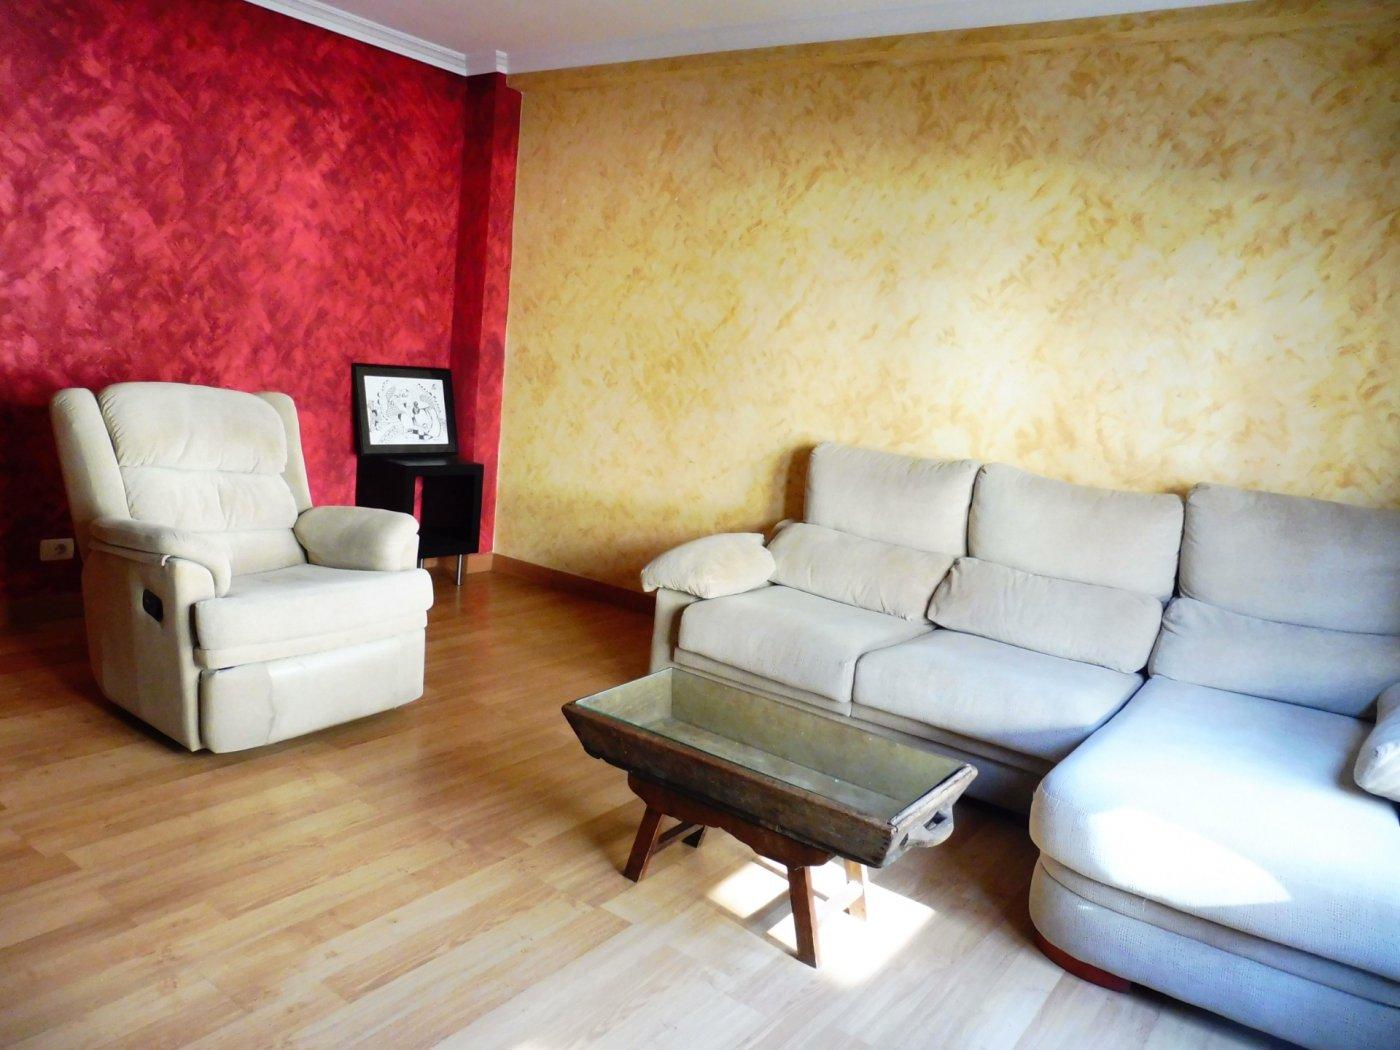 Amplio piso enfrente del centro de salud de perchera en nuevo gijón - imagenInmueble23